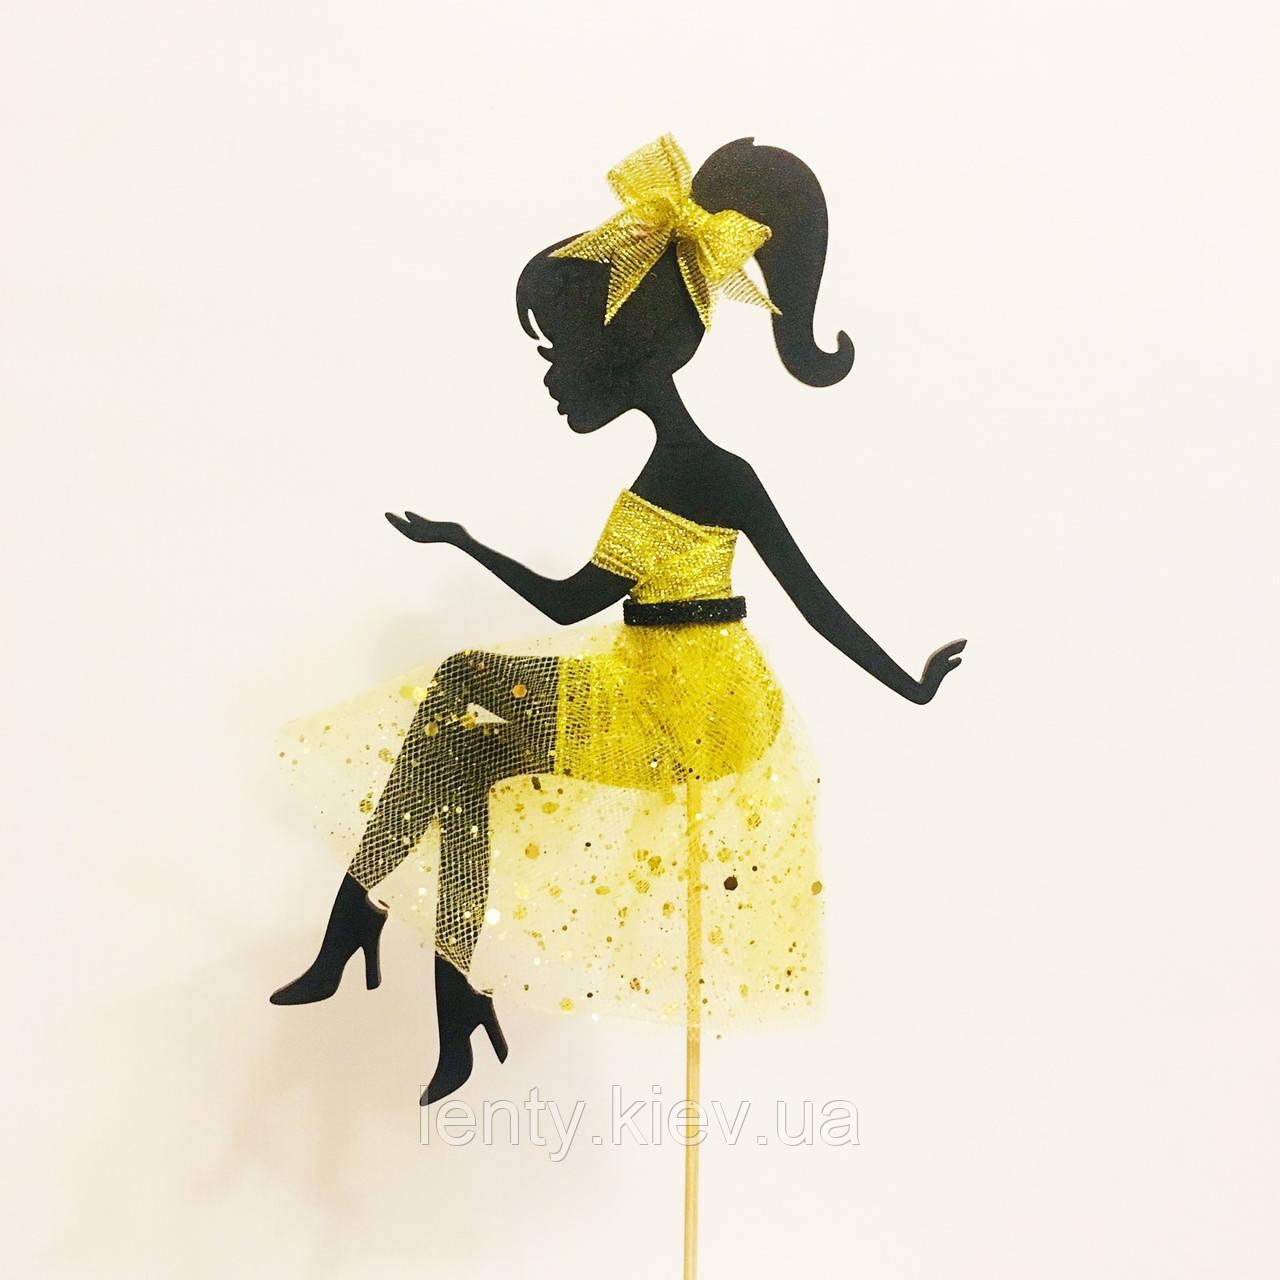 """Большой топпер """"Черный Силуэт девушки в золотом платье"""" дерево в торт с шифоном. 15 см без подставки"""